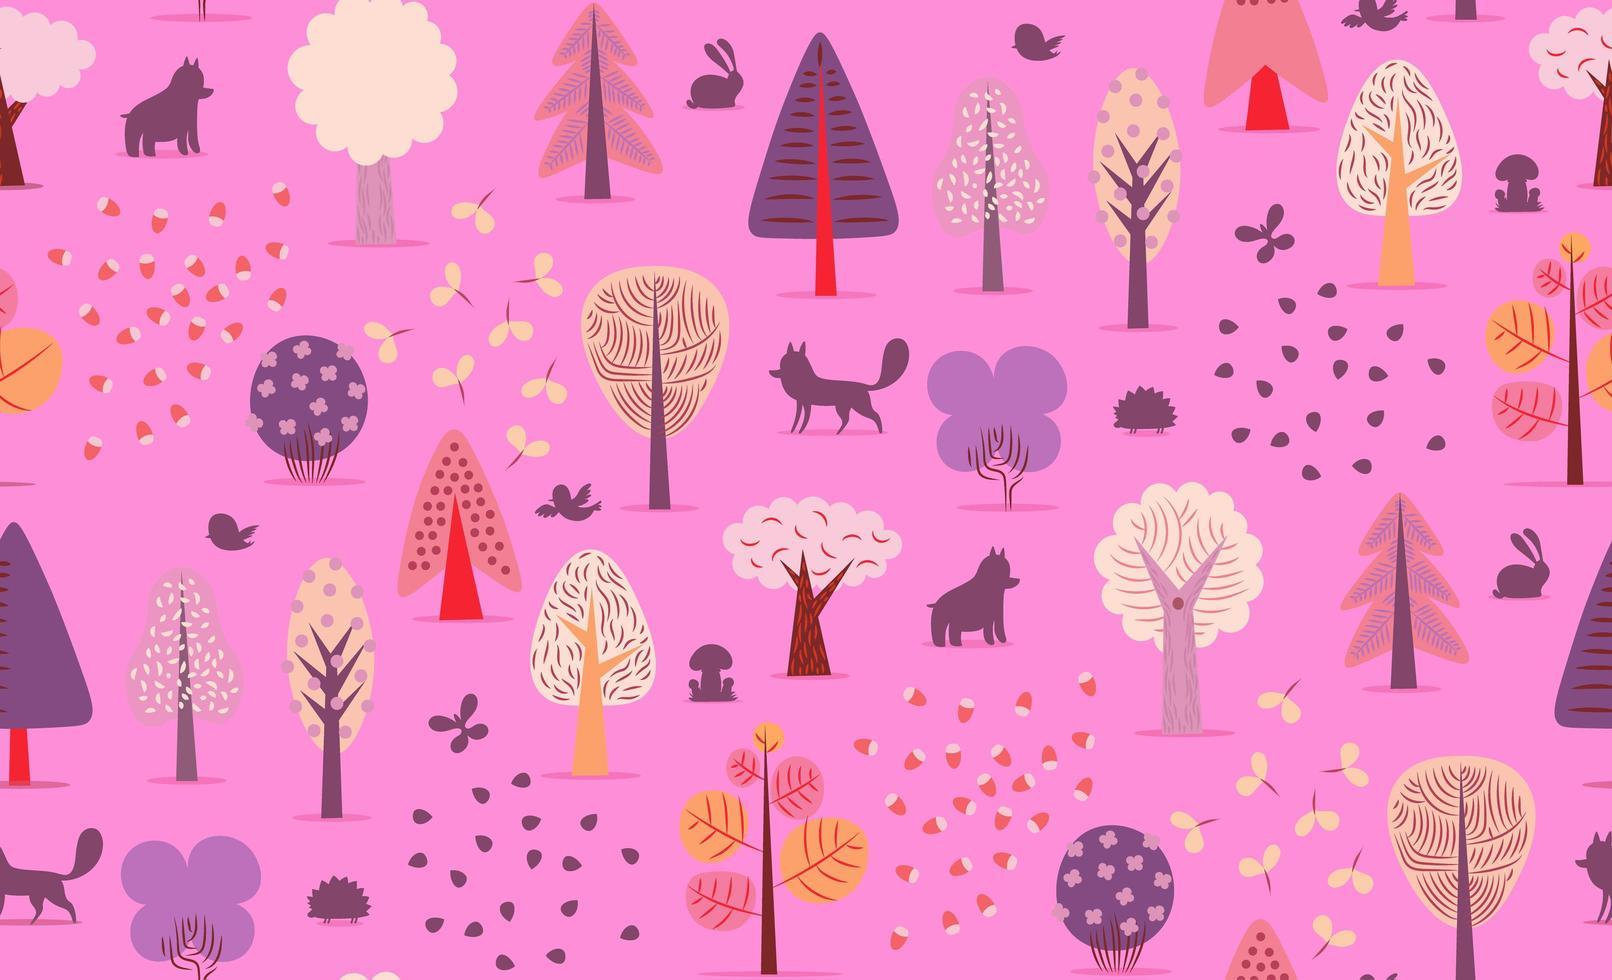 padrão sem emenda de árvores da floresta. vetor